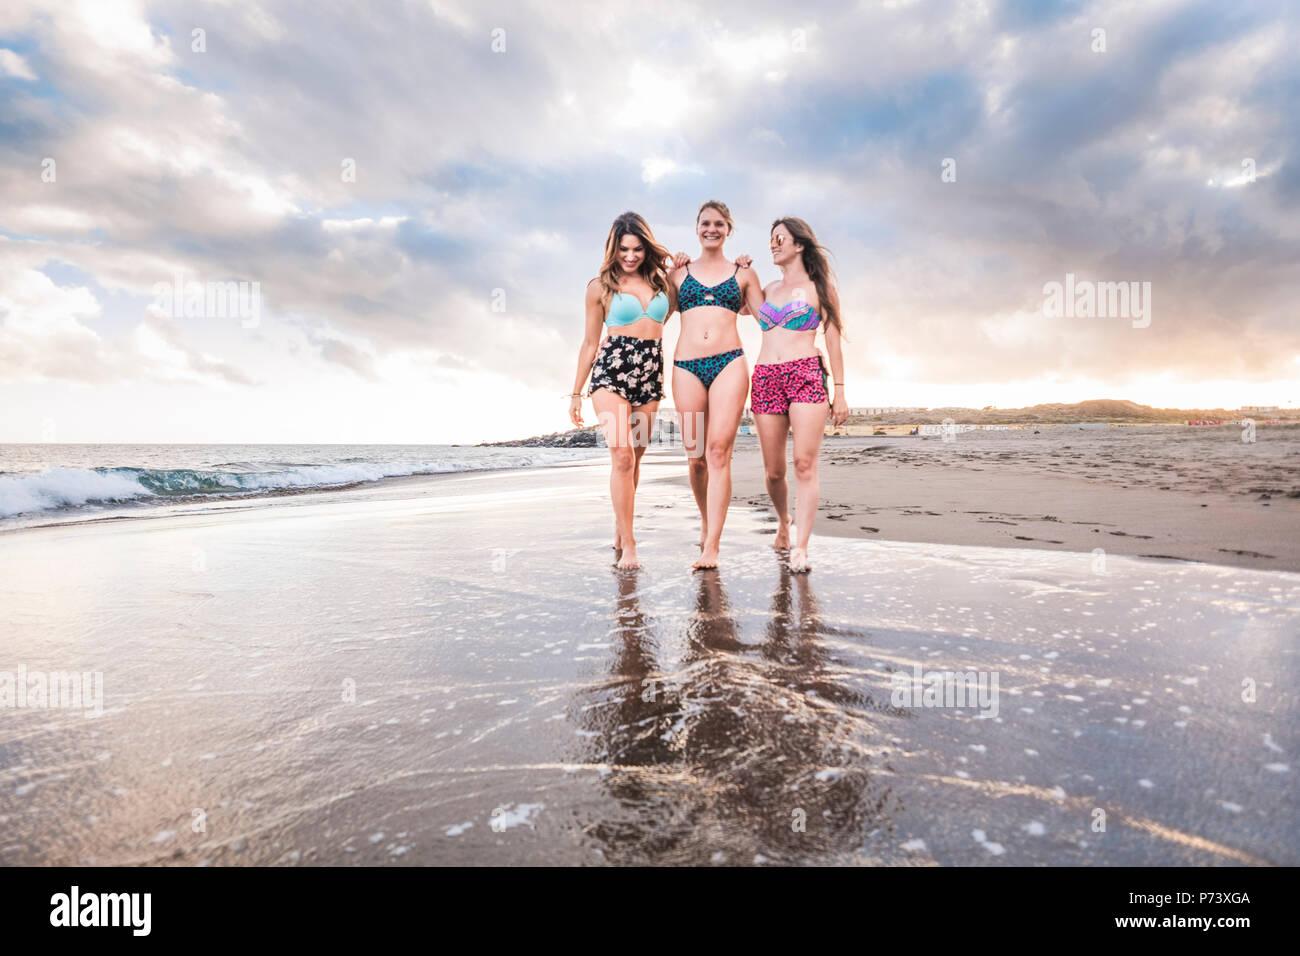 Tres bellas damas alegres jóvenes mujeres caminar en amistad y tener un buen tiempo juntos. vacaciones y Pueblo Caucasiano disfrutando de una felicidad. Imagen De Stock